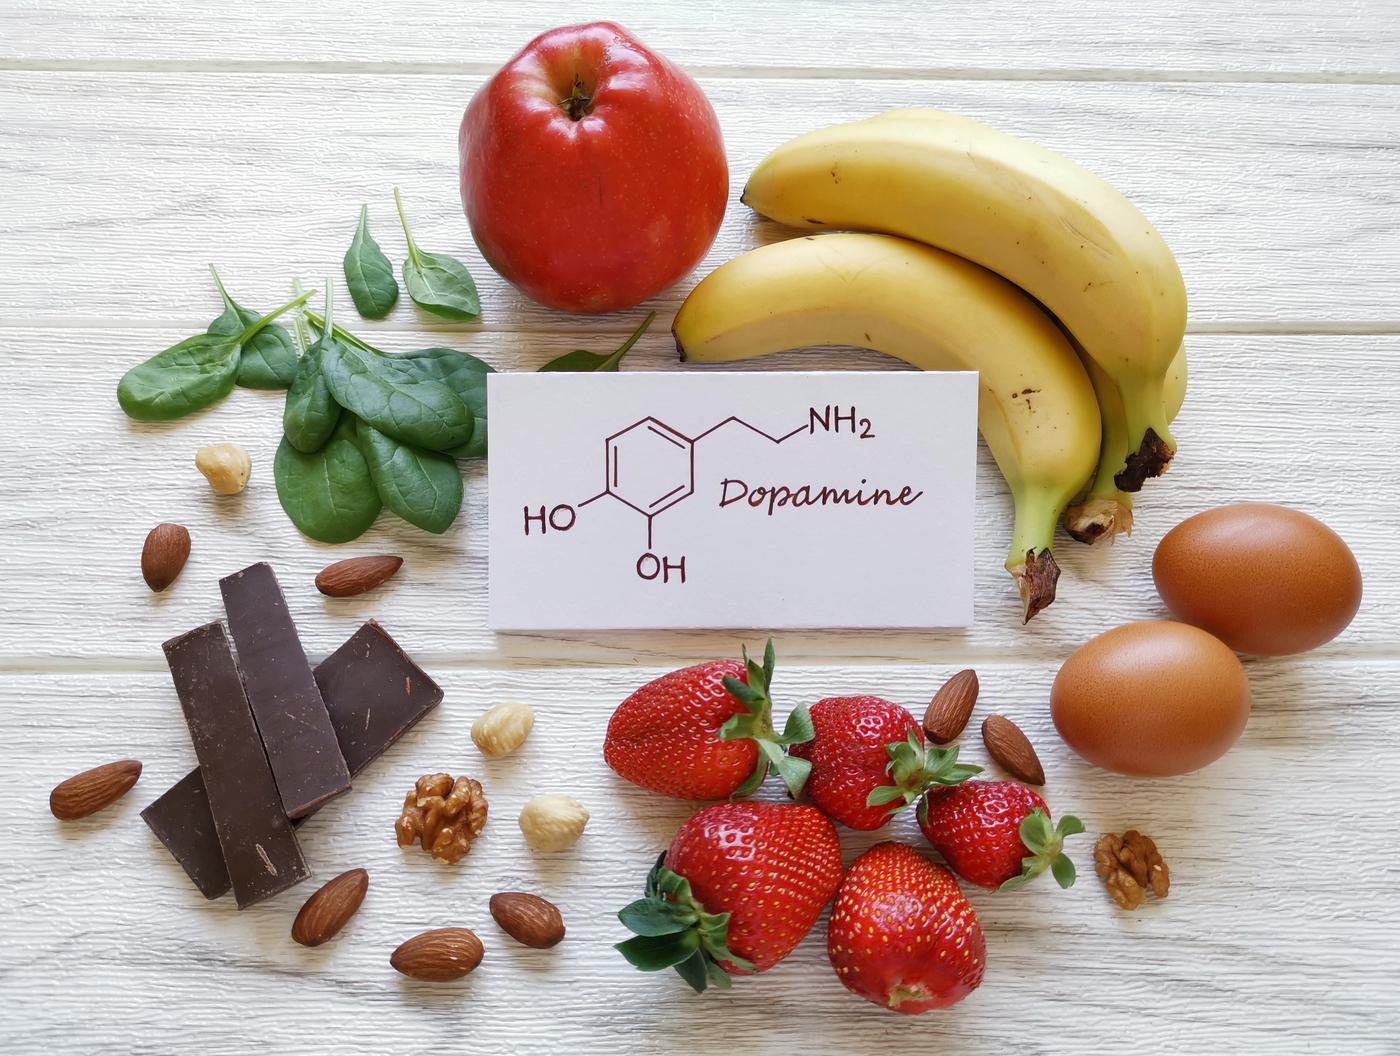 Diet Sehat dan Seimbang Membantu Menstabilkan Emosi Kita Loh